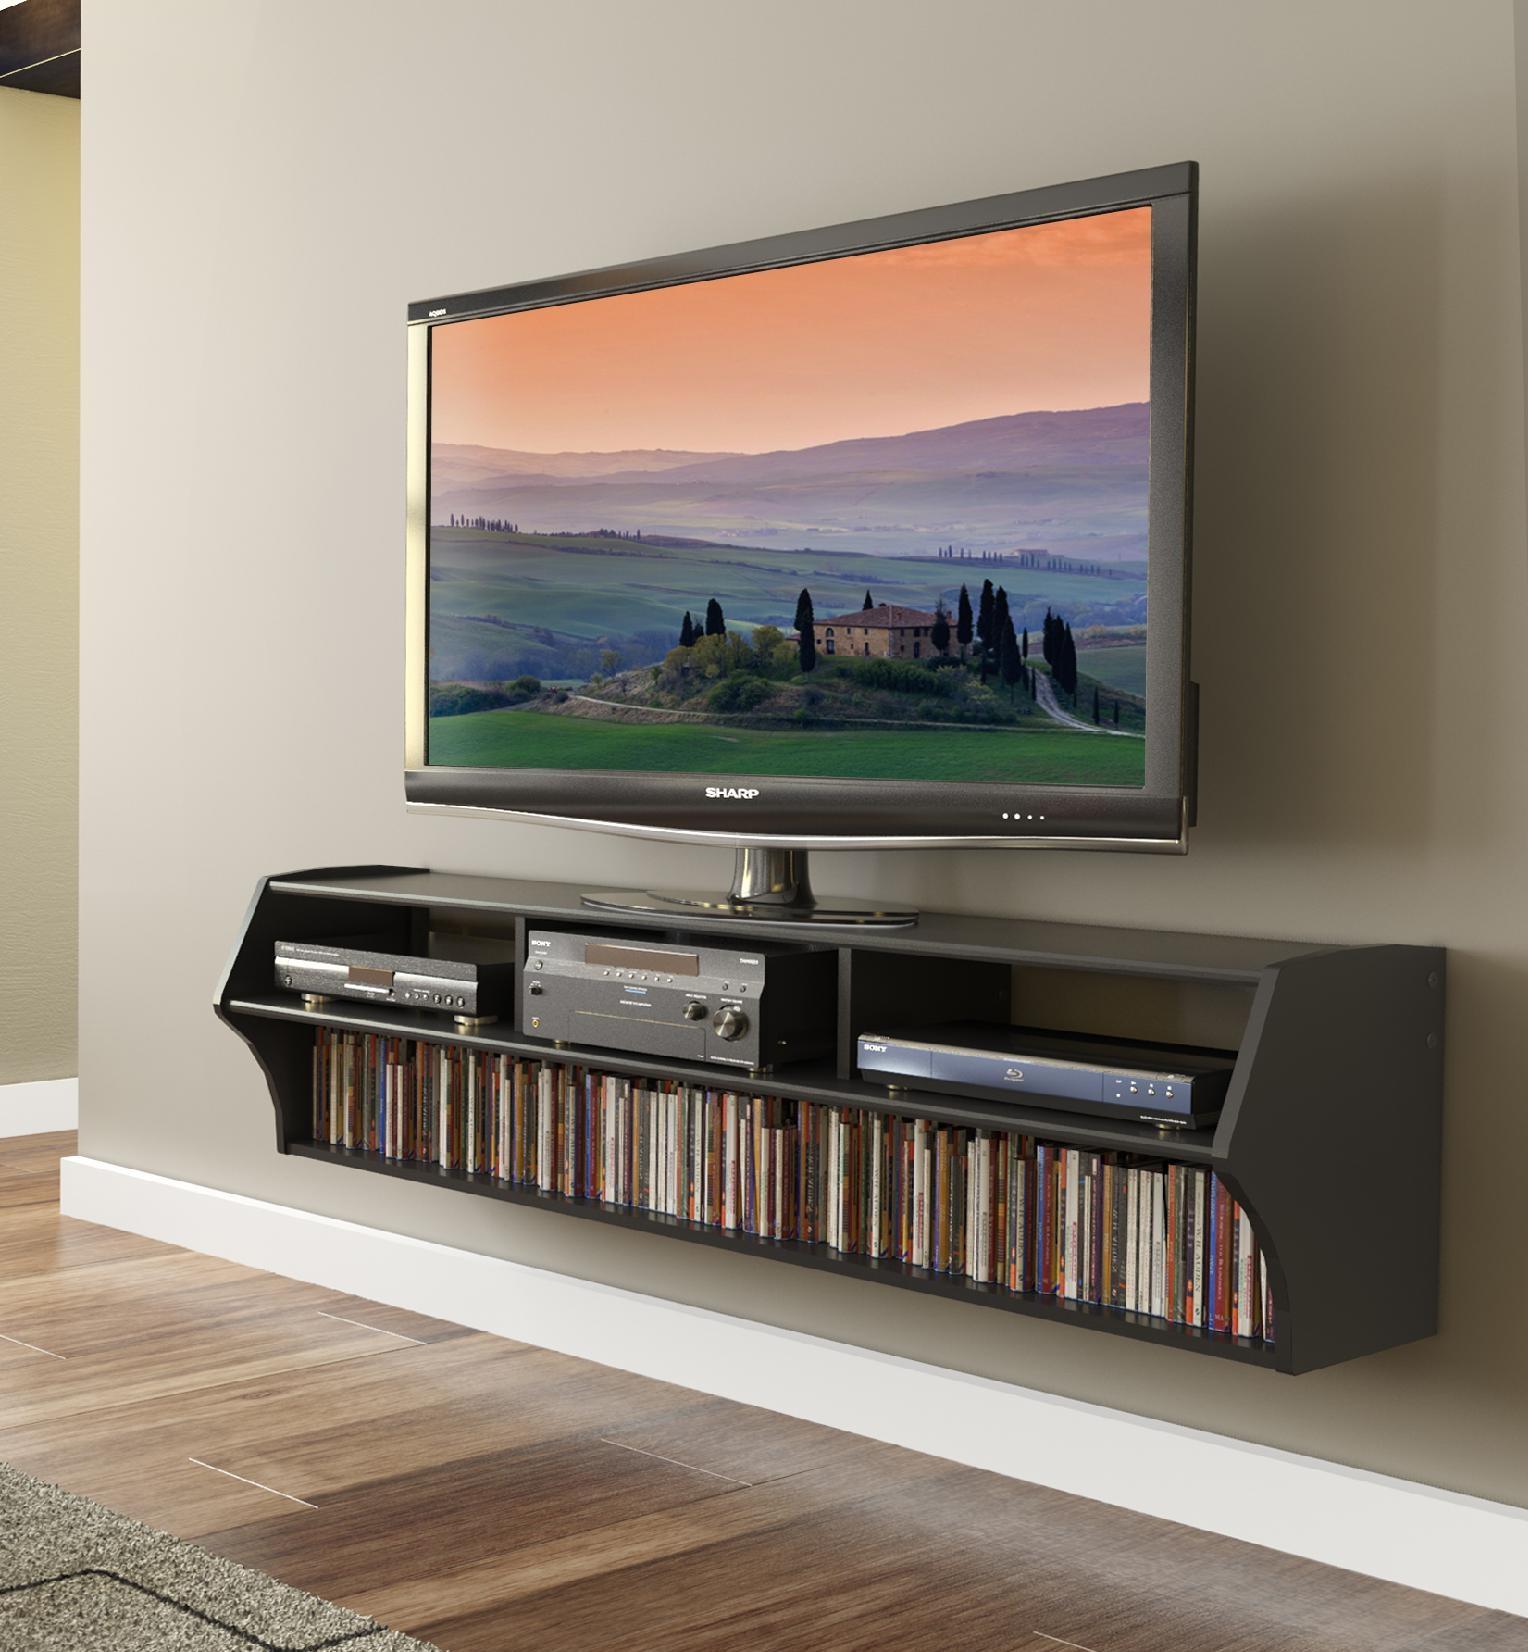 Kinh nghiệm mua tivi LCD cũ